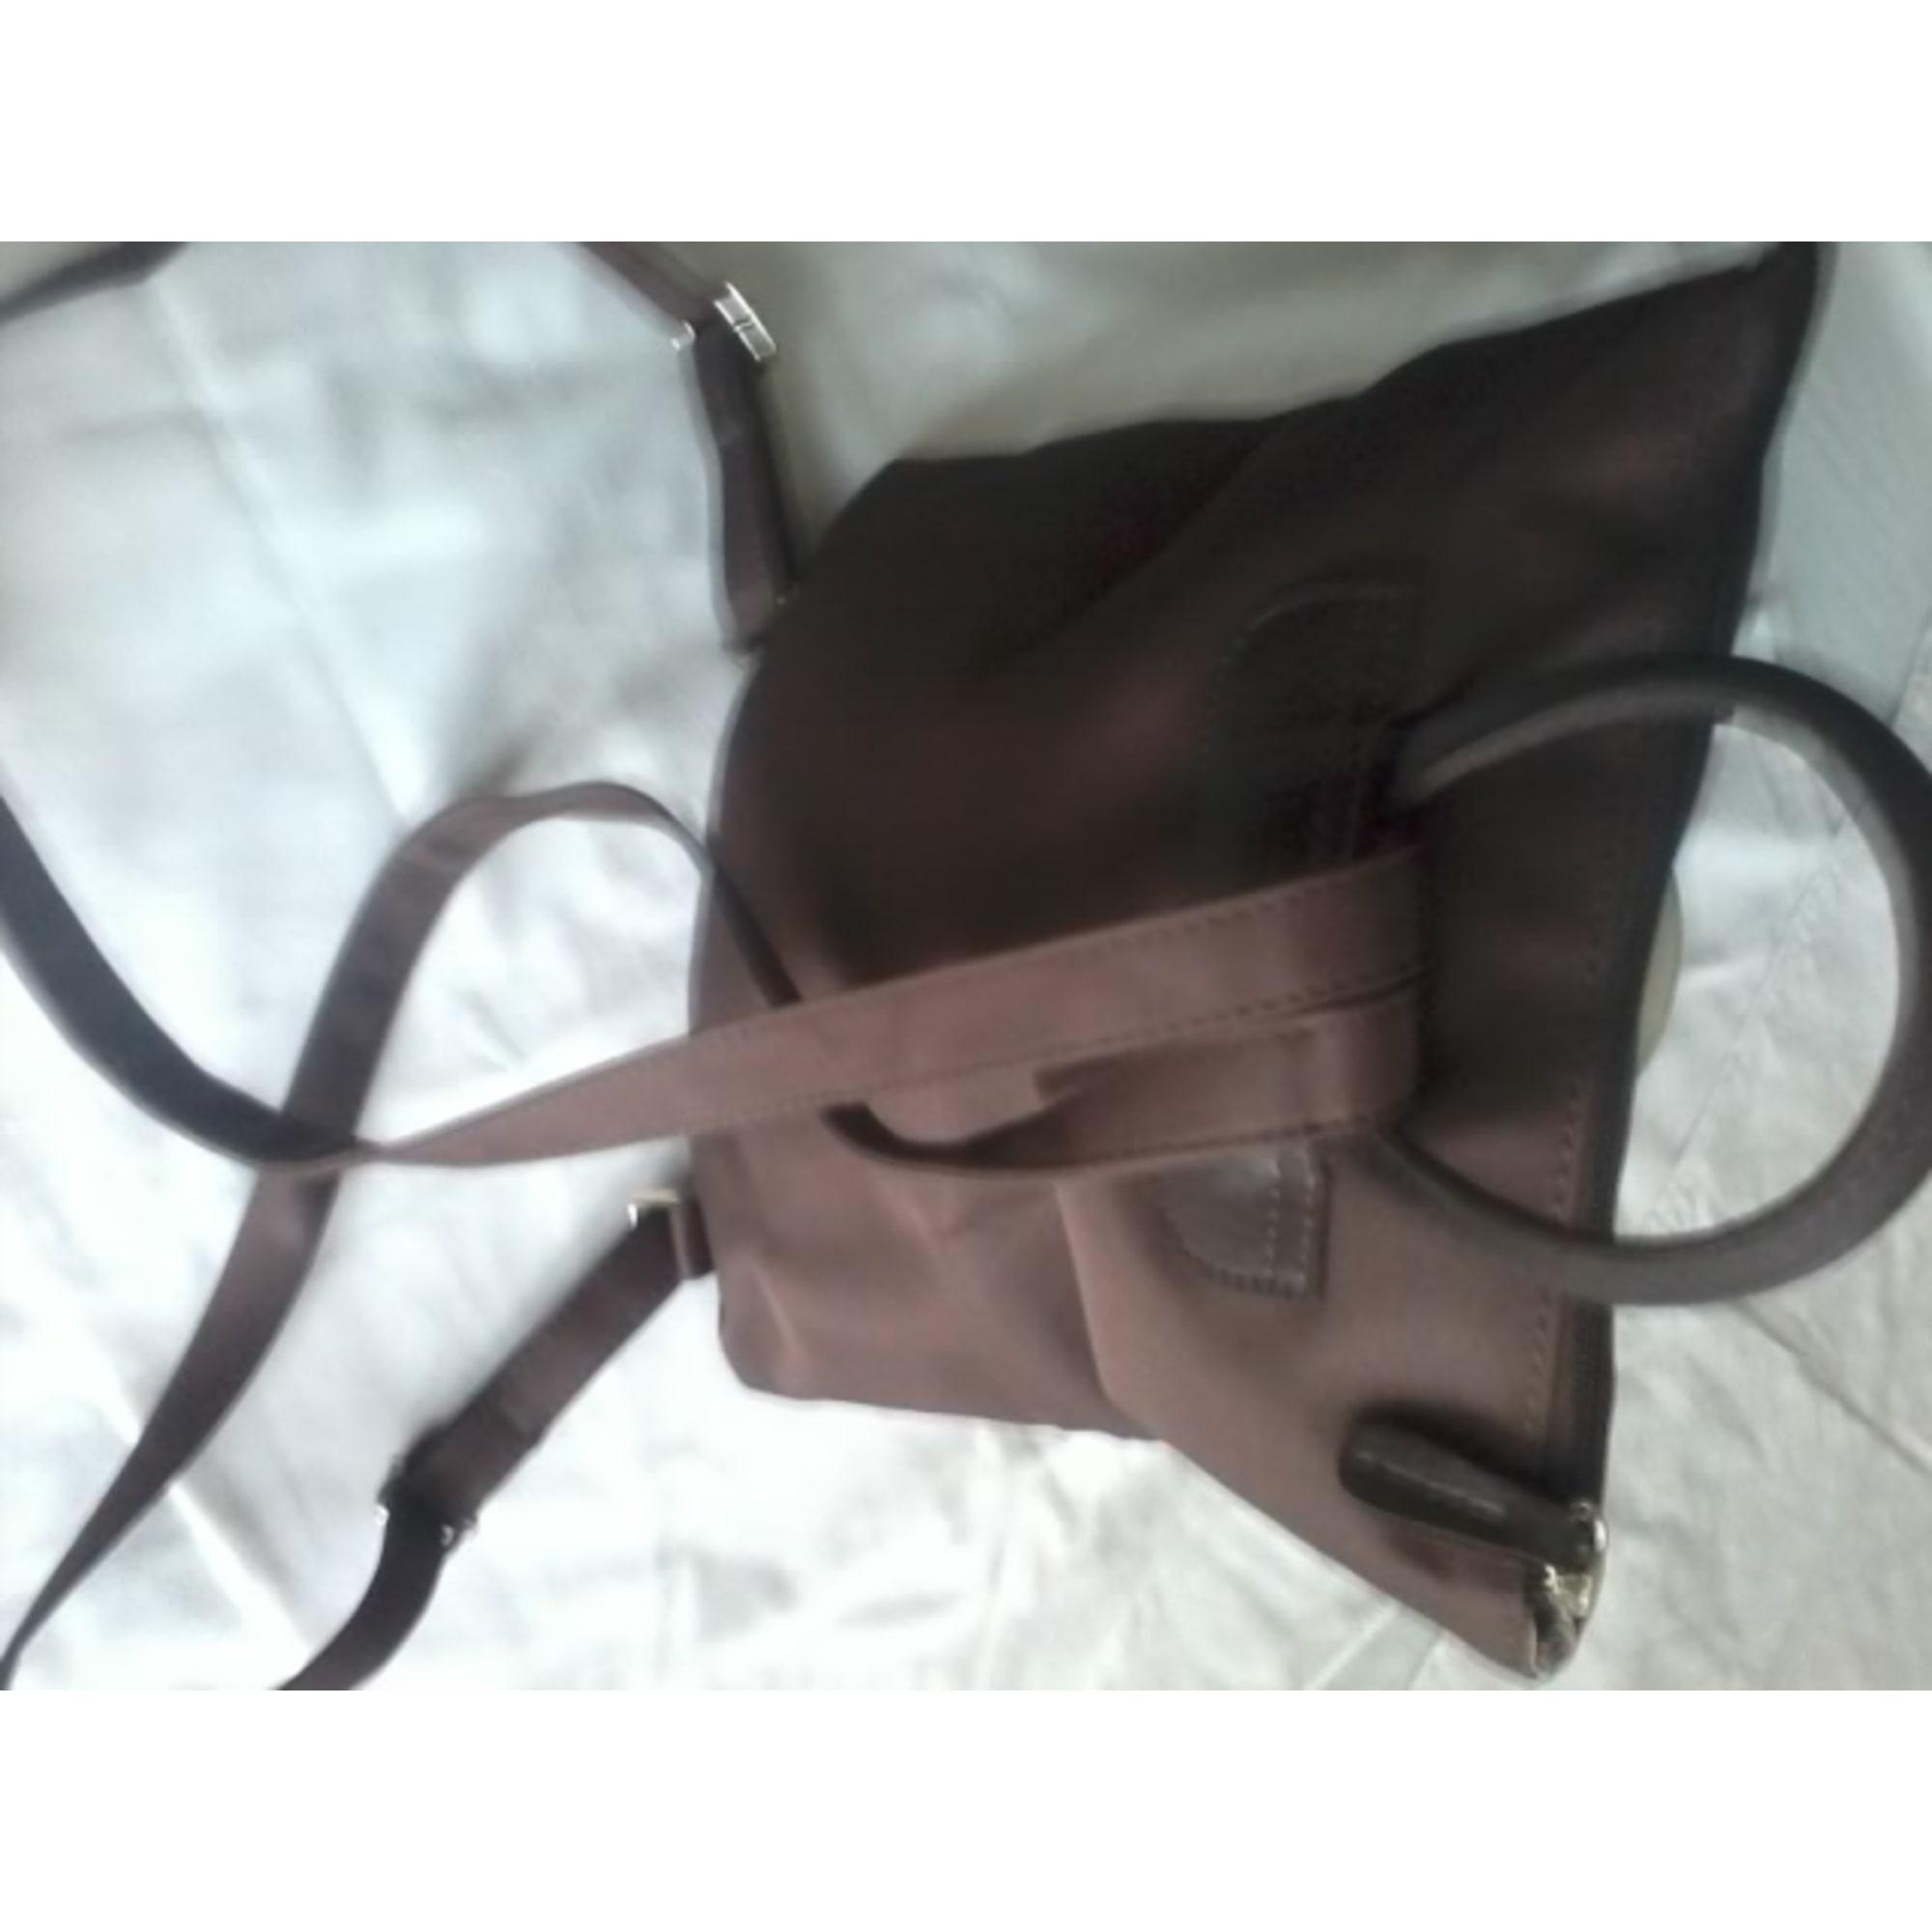 284f042886 Backpack PAQUETAGE PARIS brown vendu par Clic affaires - 2839941